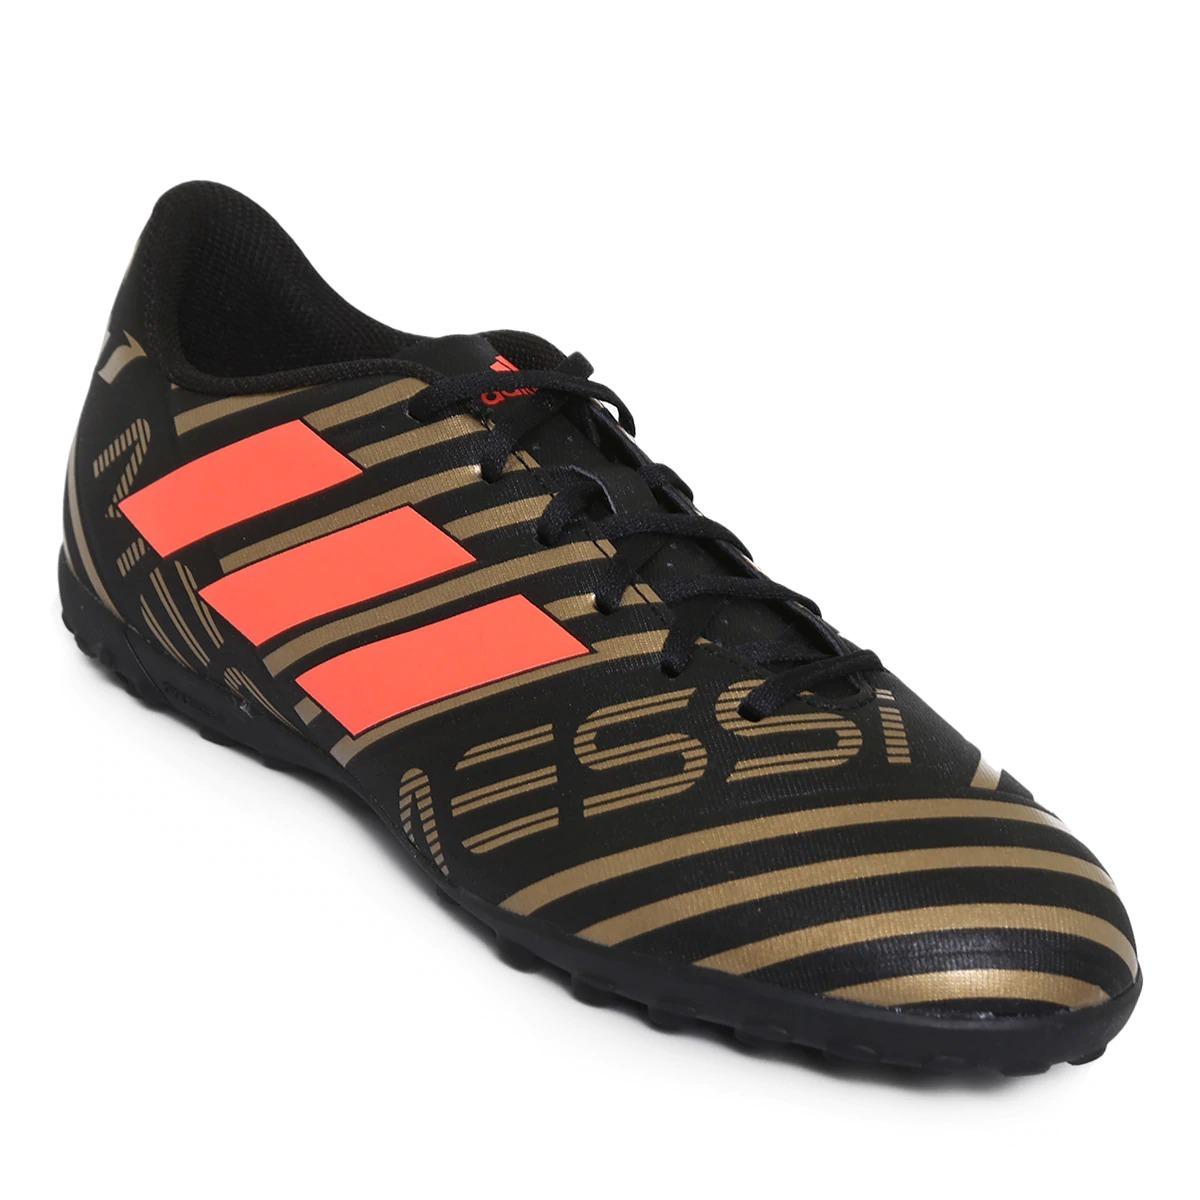 3cdee85d0a7 Multitacos adidas Nemeziz Messi Tango 17.4 T + Envío + Msi ...